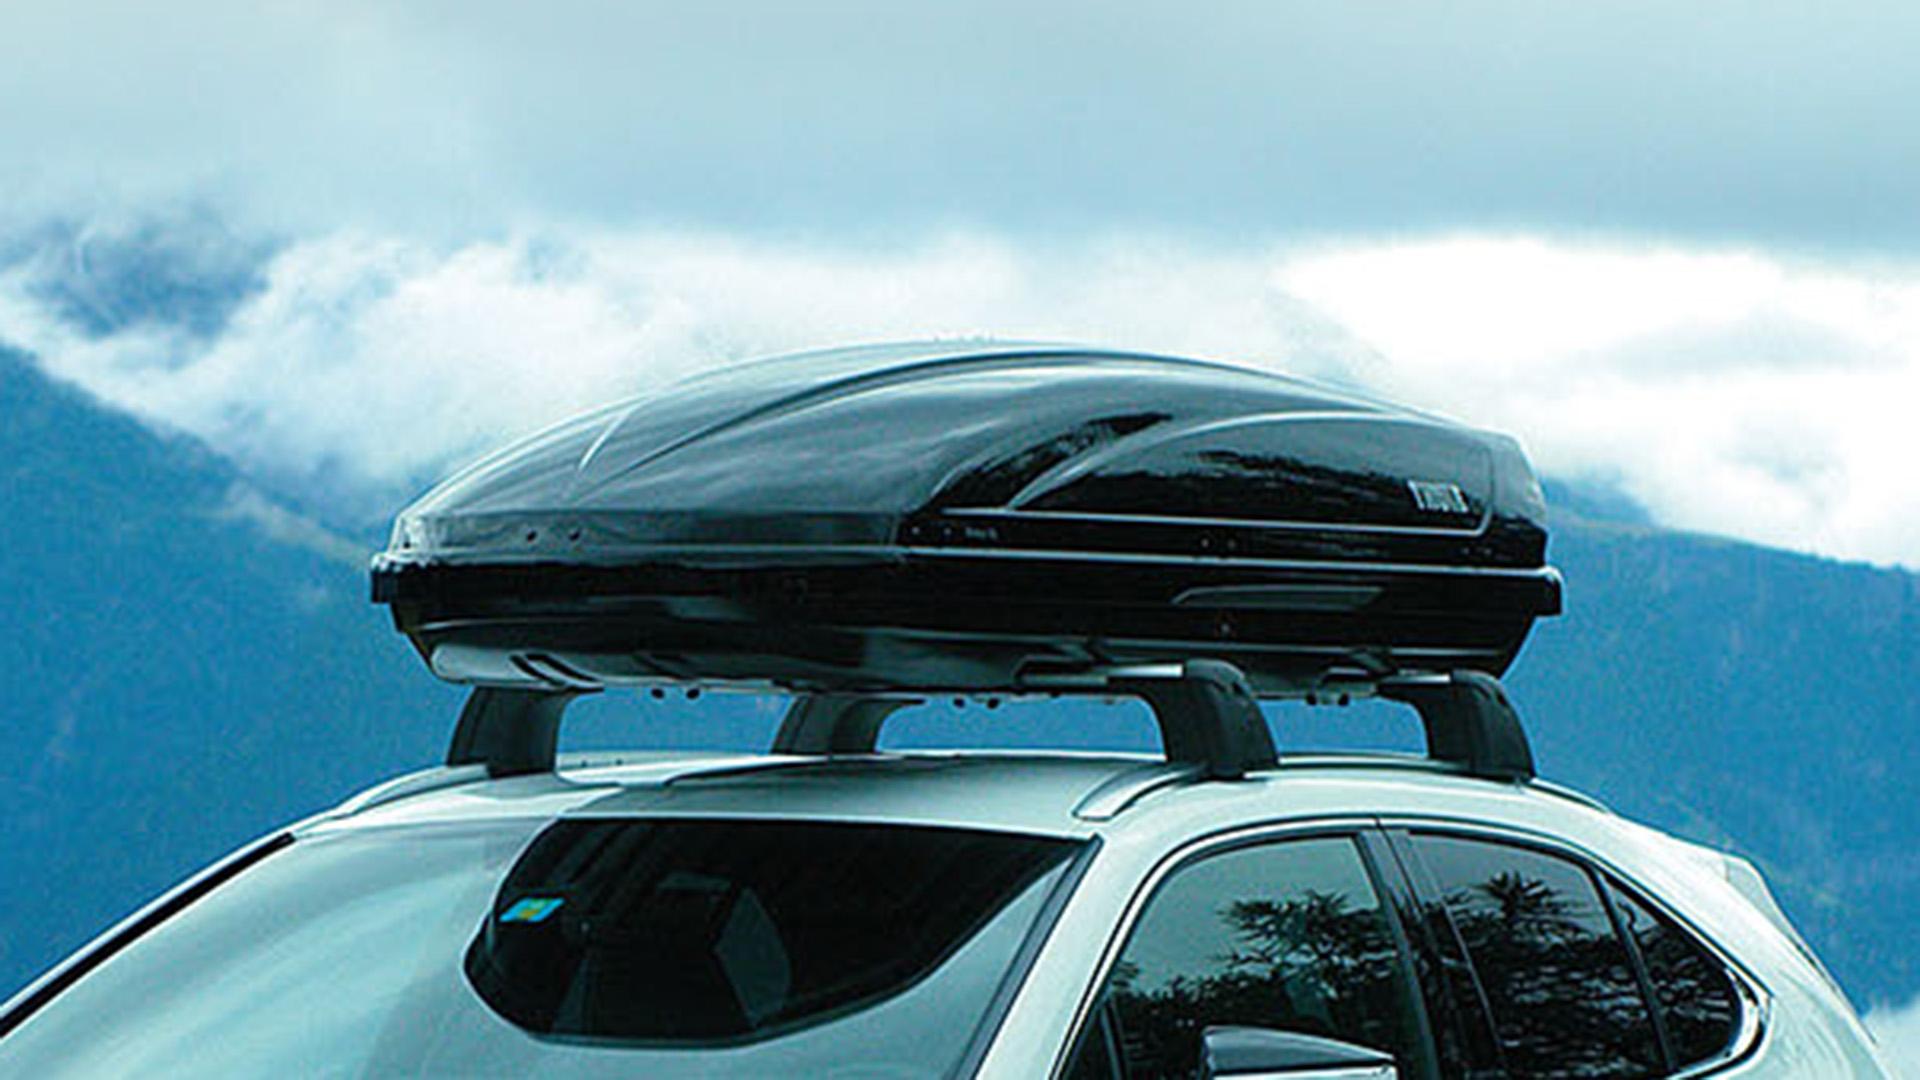 Achterkant van een grijze Lexus RX 450h